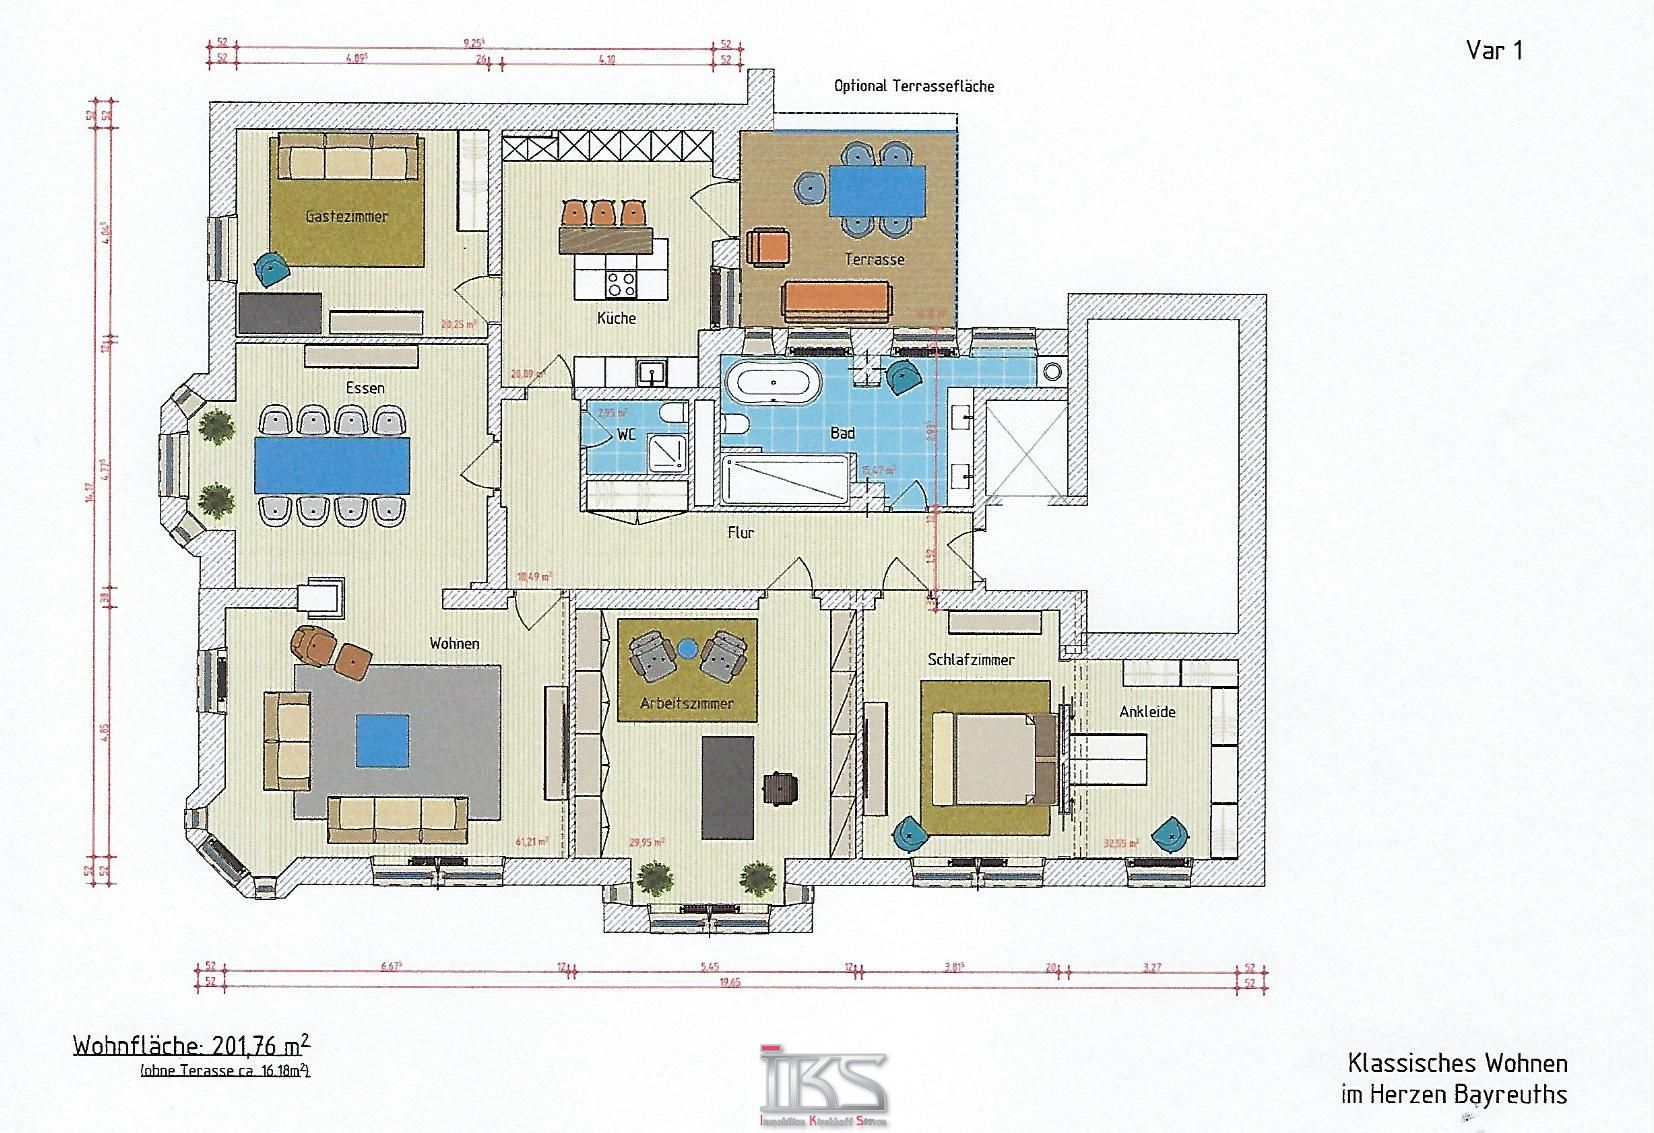 Kernsaniertes & Klassisches Wohnen auf ca. 202 m² im Herzen Bayreuths